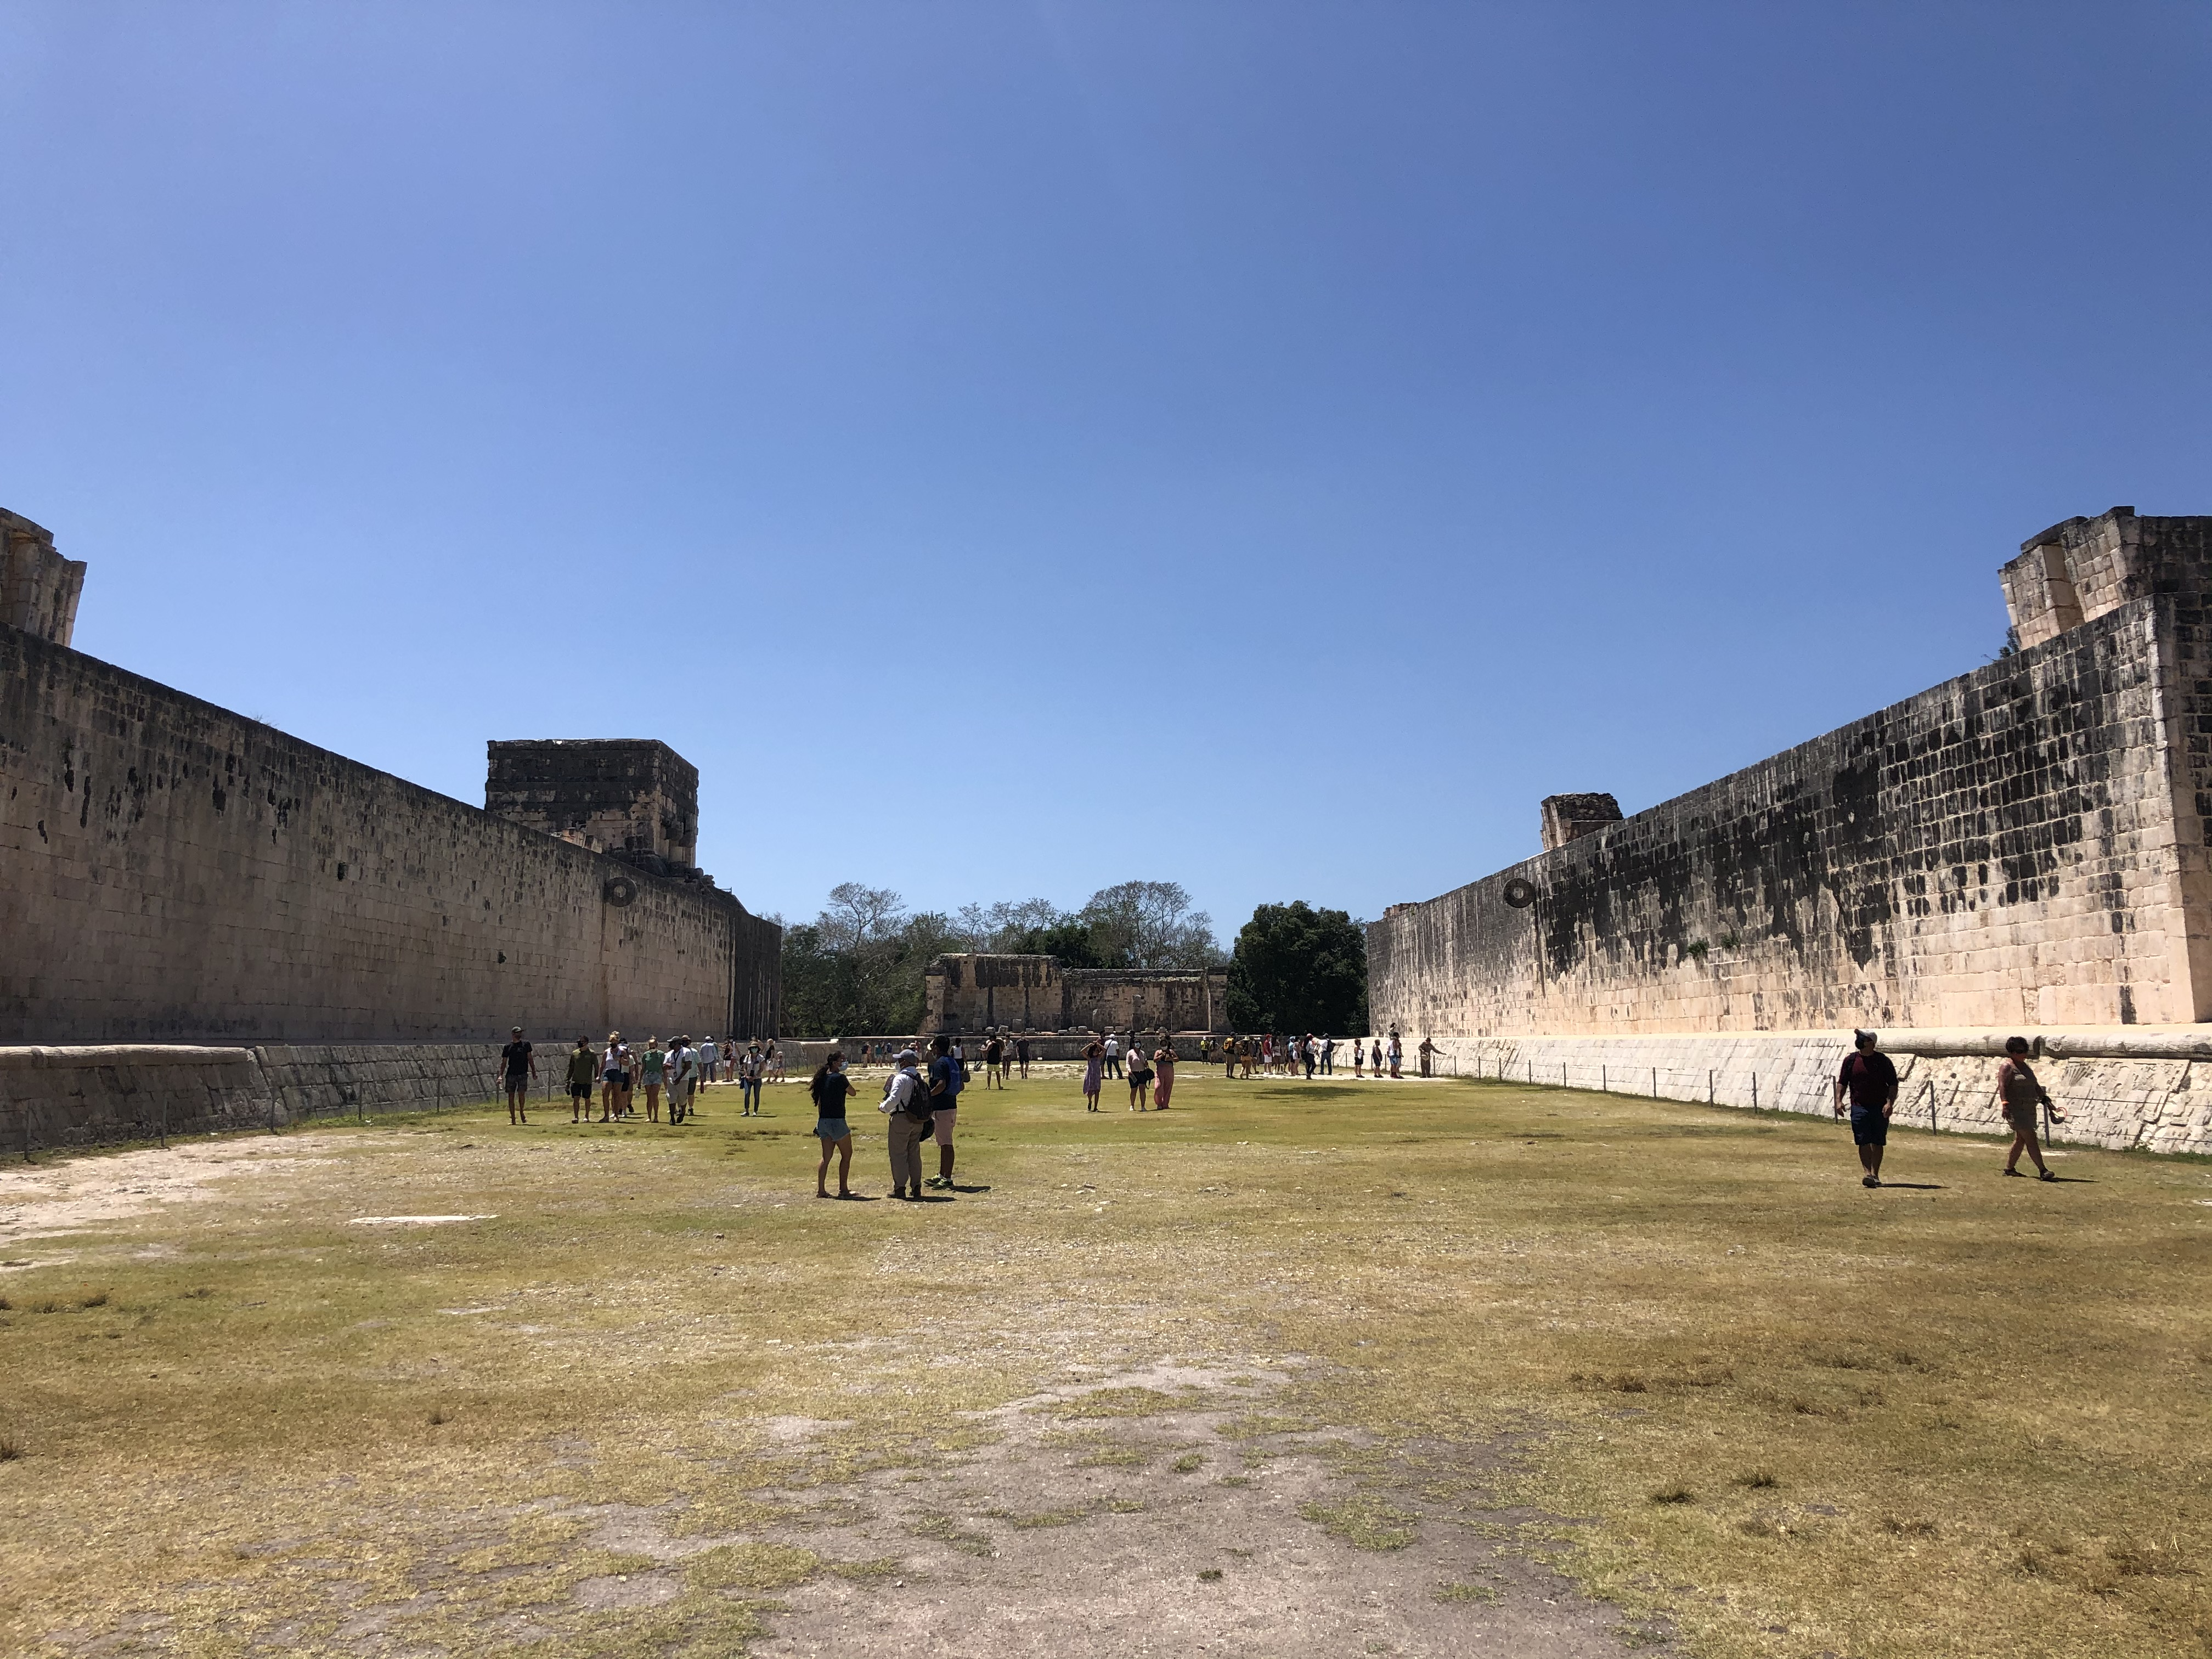 Майя играли в прообраз футбола. Игра была запрещена испанцами, а сейчас ее восстановили и даже проводят чемпионат мира